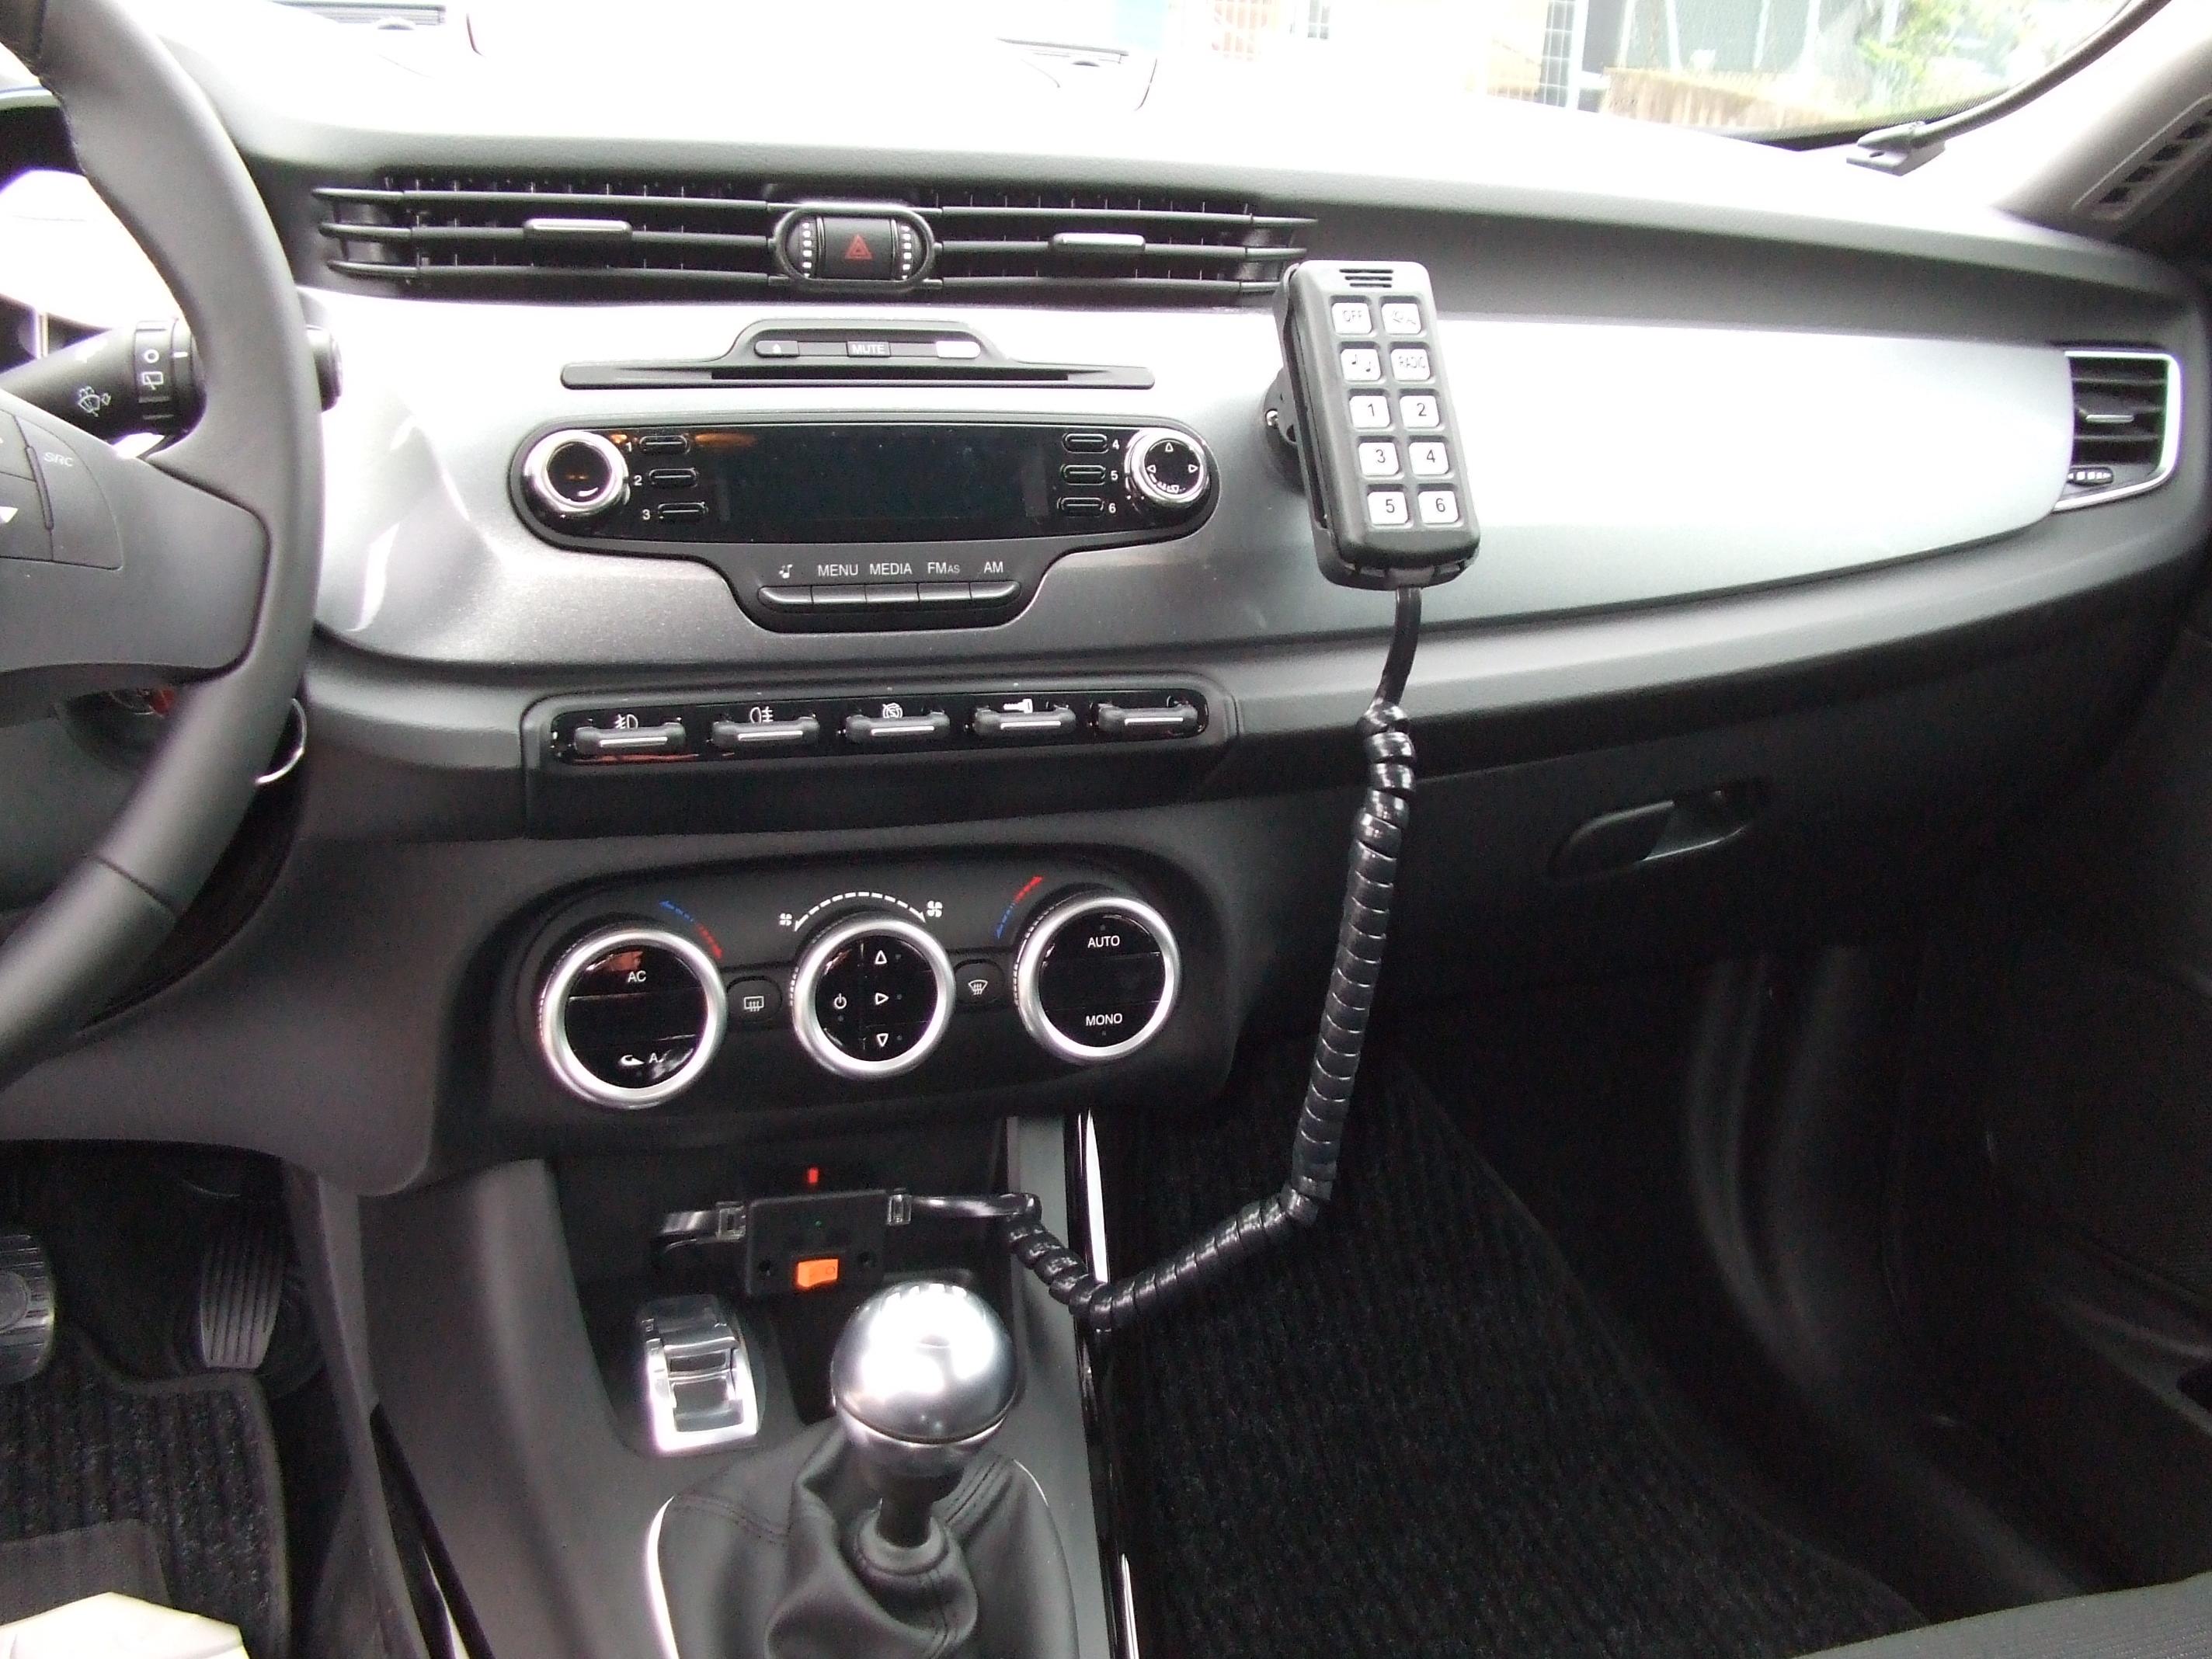 Alfa romeo giulia kit car 15